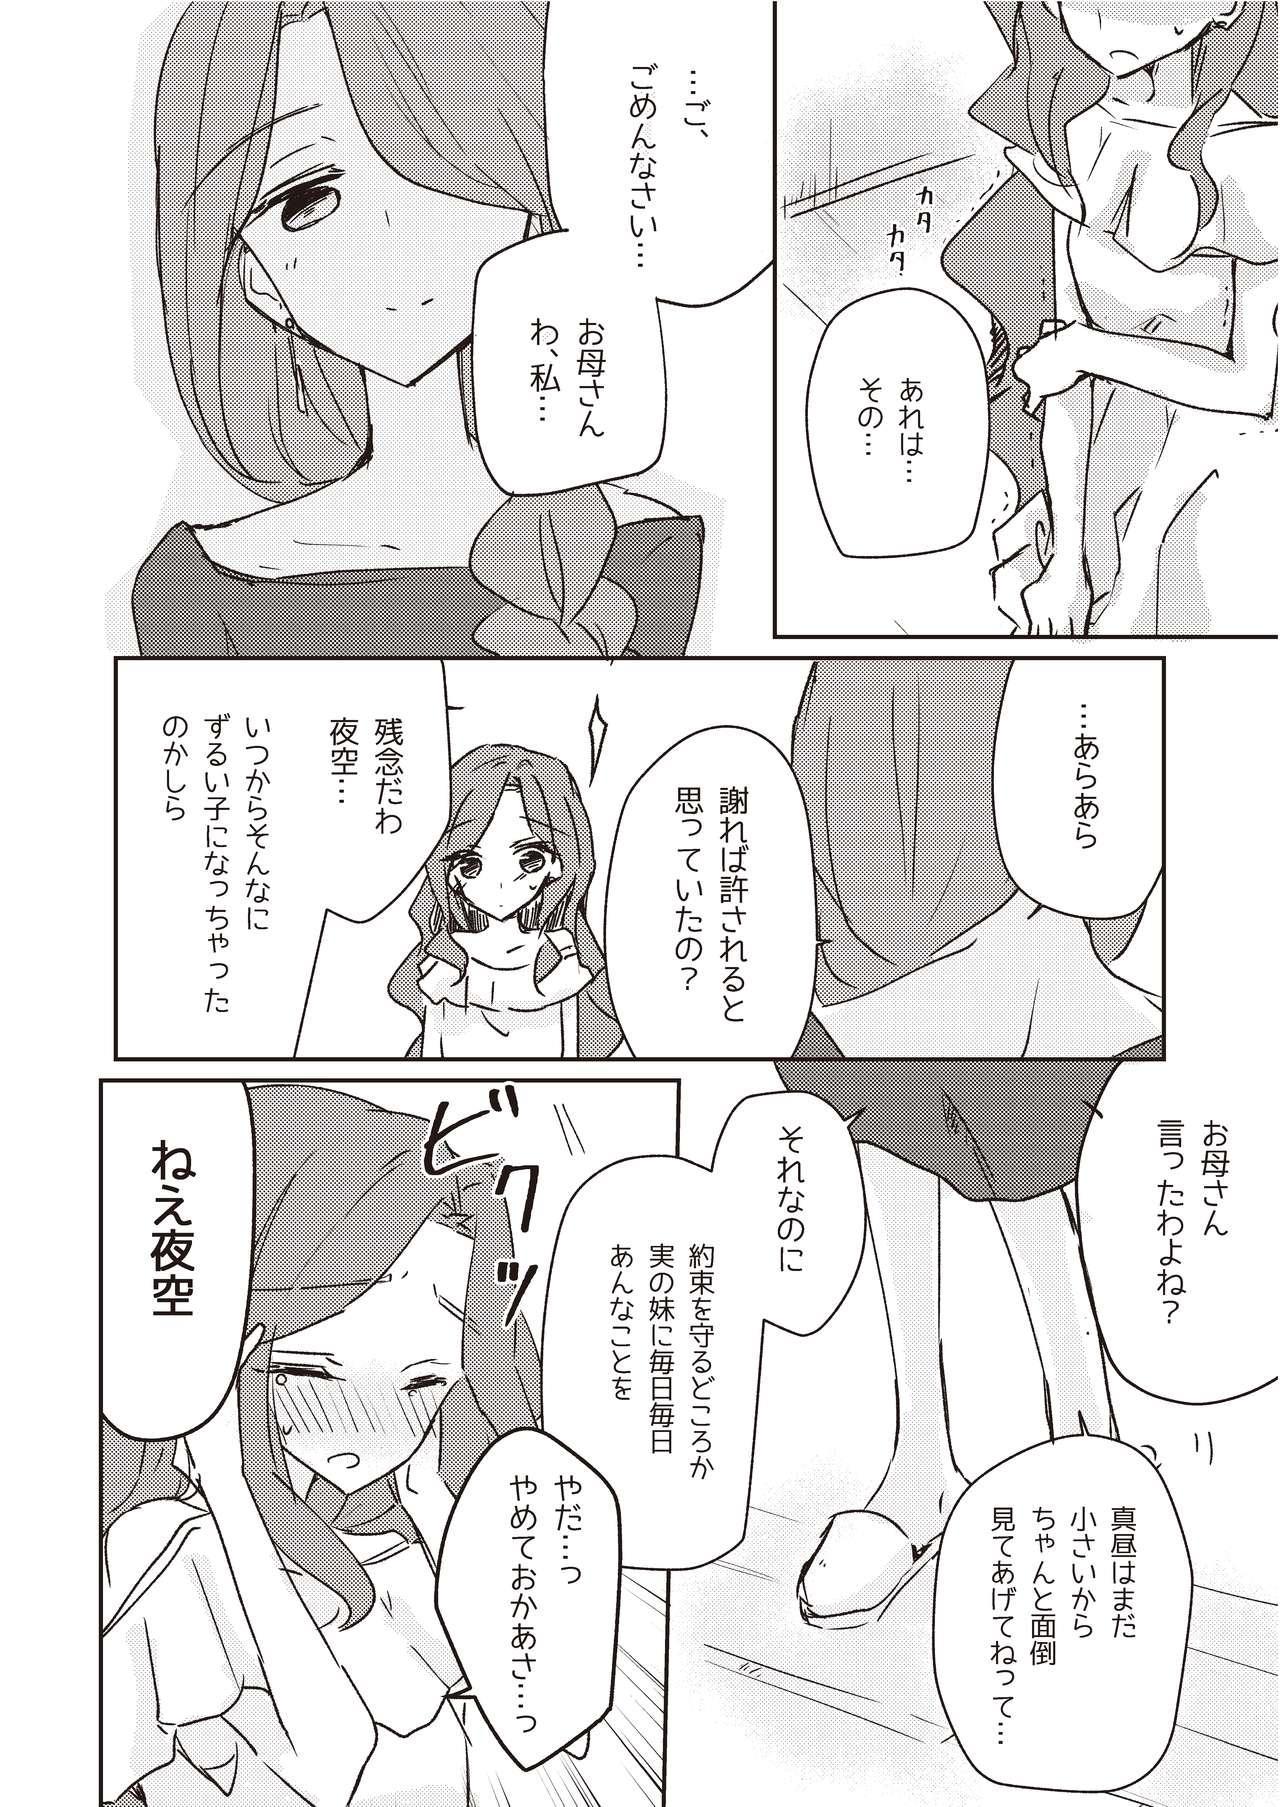 Koukotsu 3